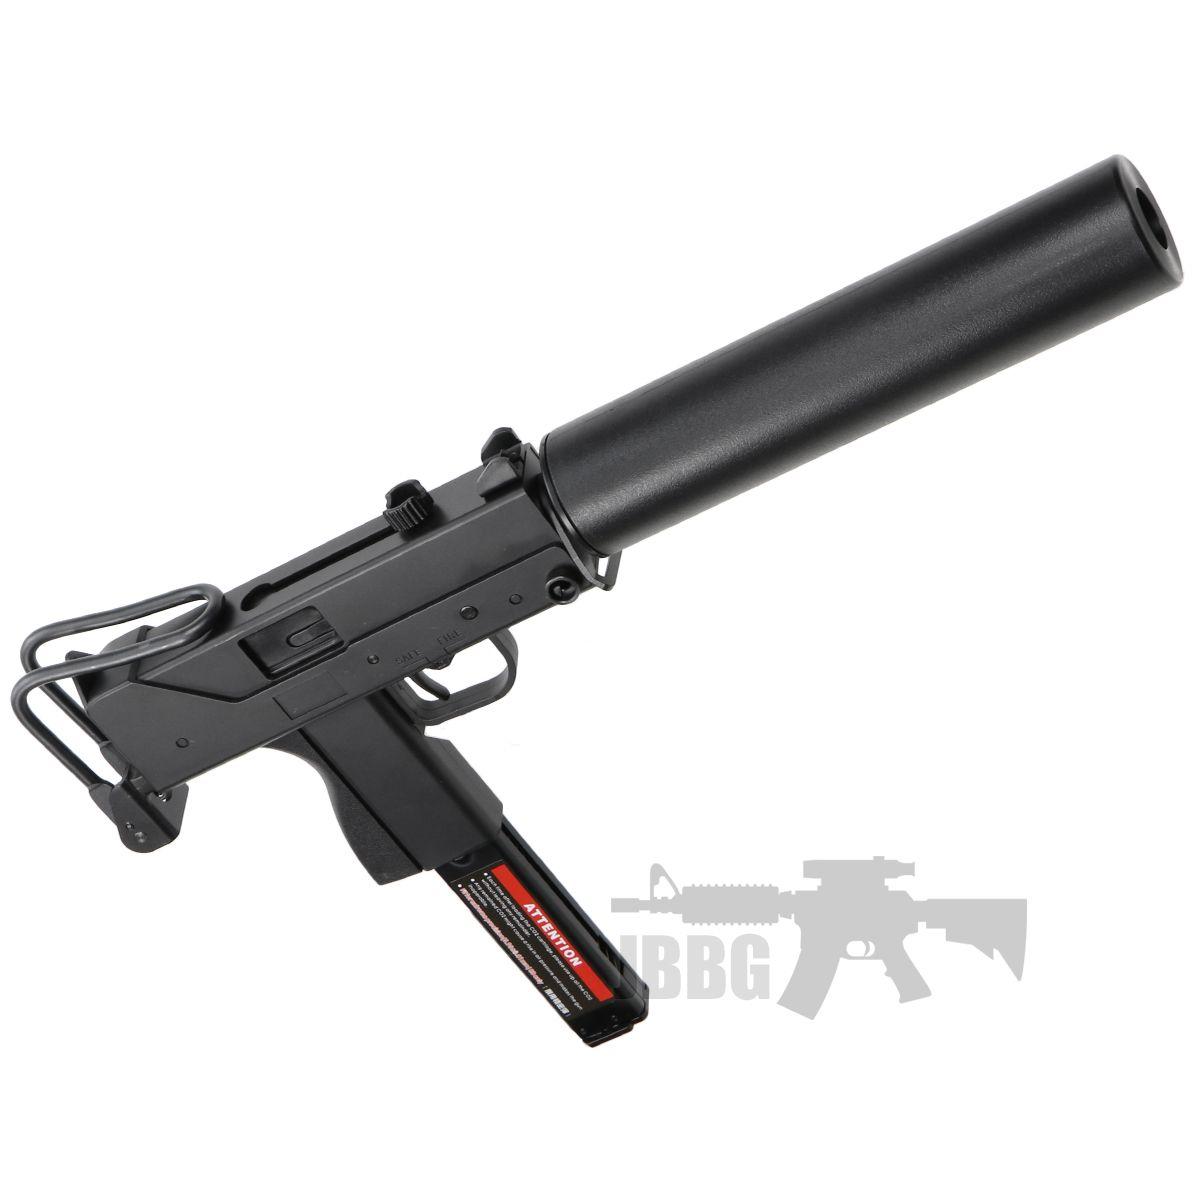 hg203 airsoft gun 5